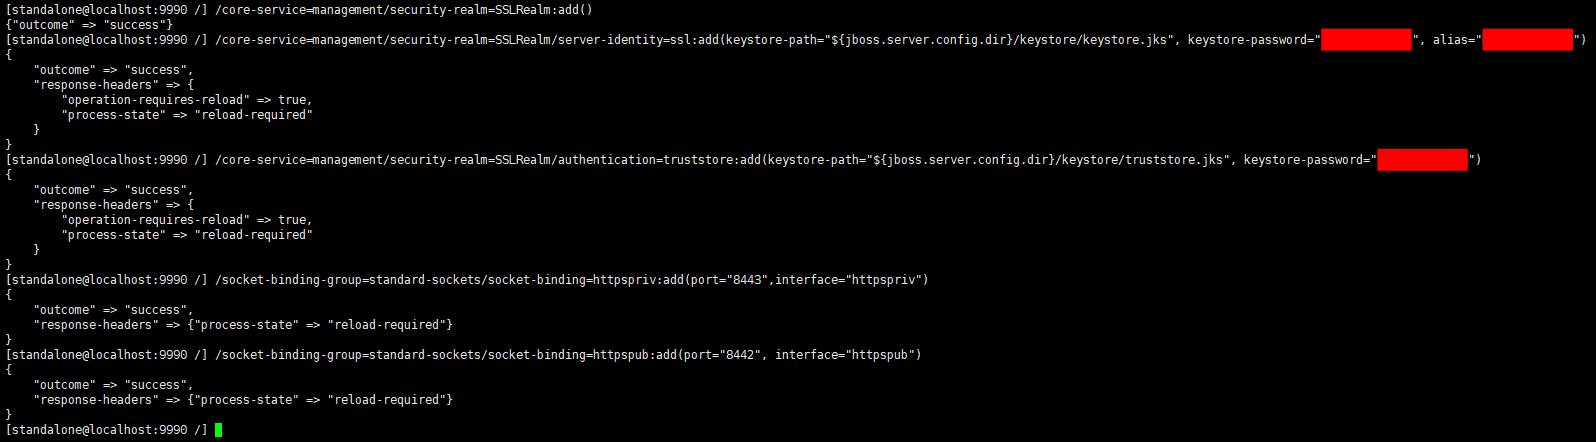 Instalasi EJBCA 6 10 1 2 dengan HSM Luna 7 pada CentOS 7 - GoBlog